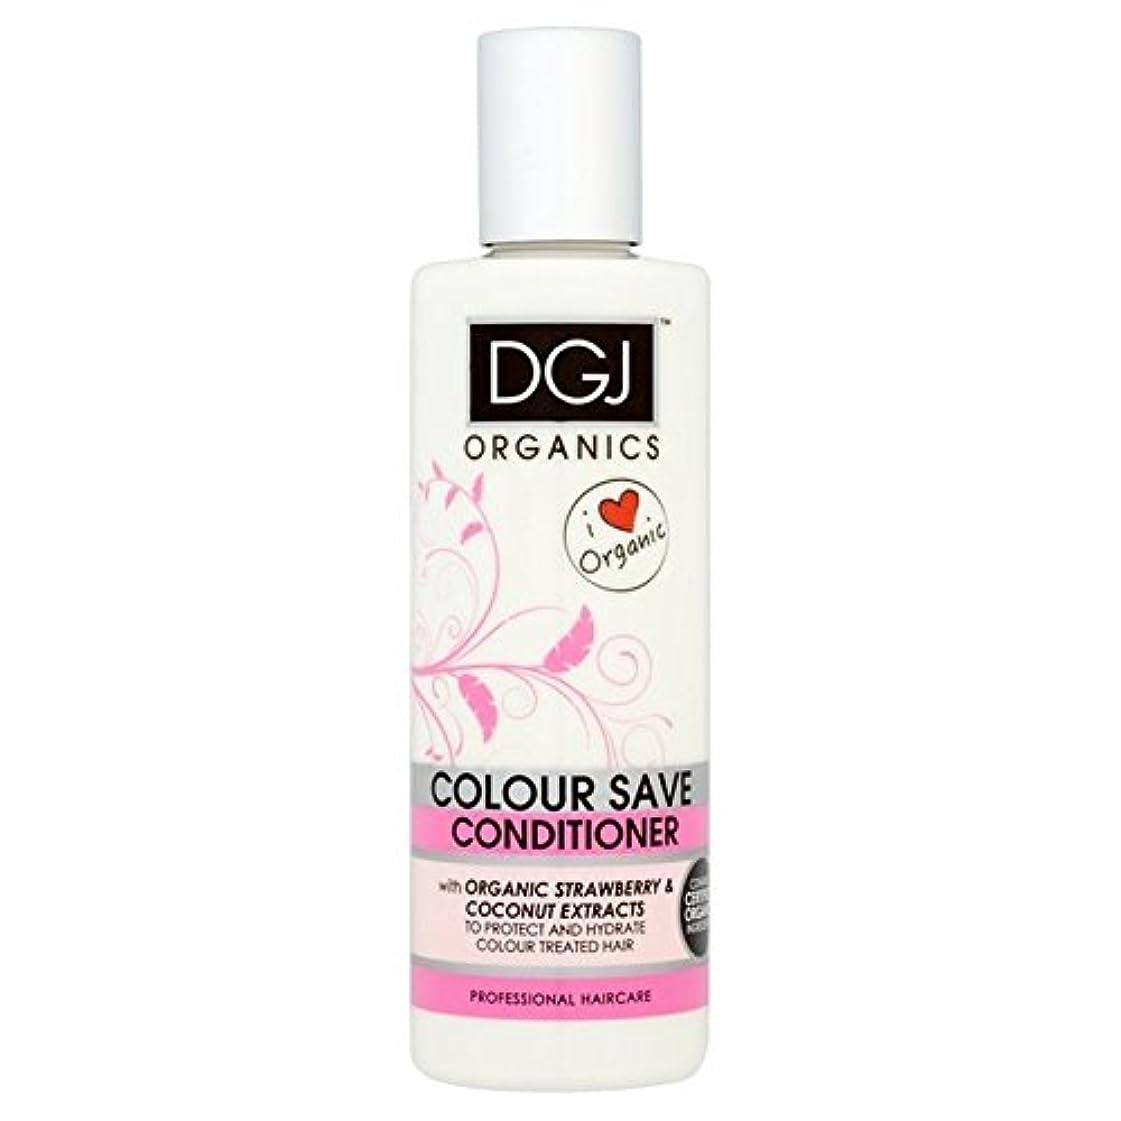 樹皮グループ体操選手DGJ Organics Colour Save Conditioner 250ml - 有機物の色コンディショナー250を保存 [並行輸入品]